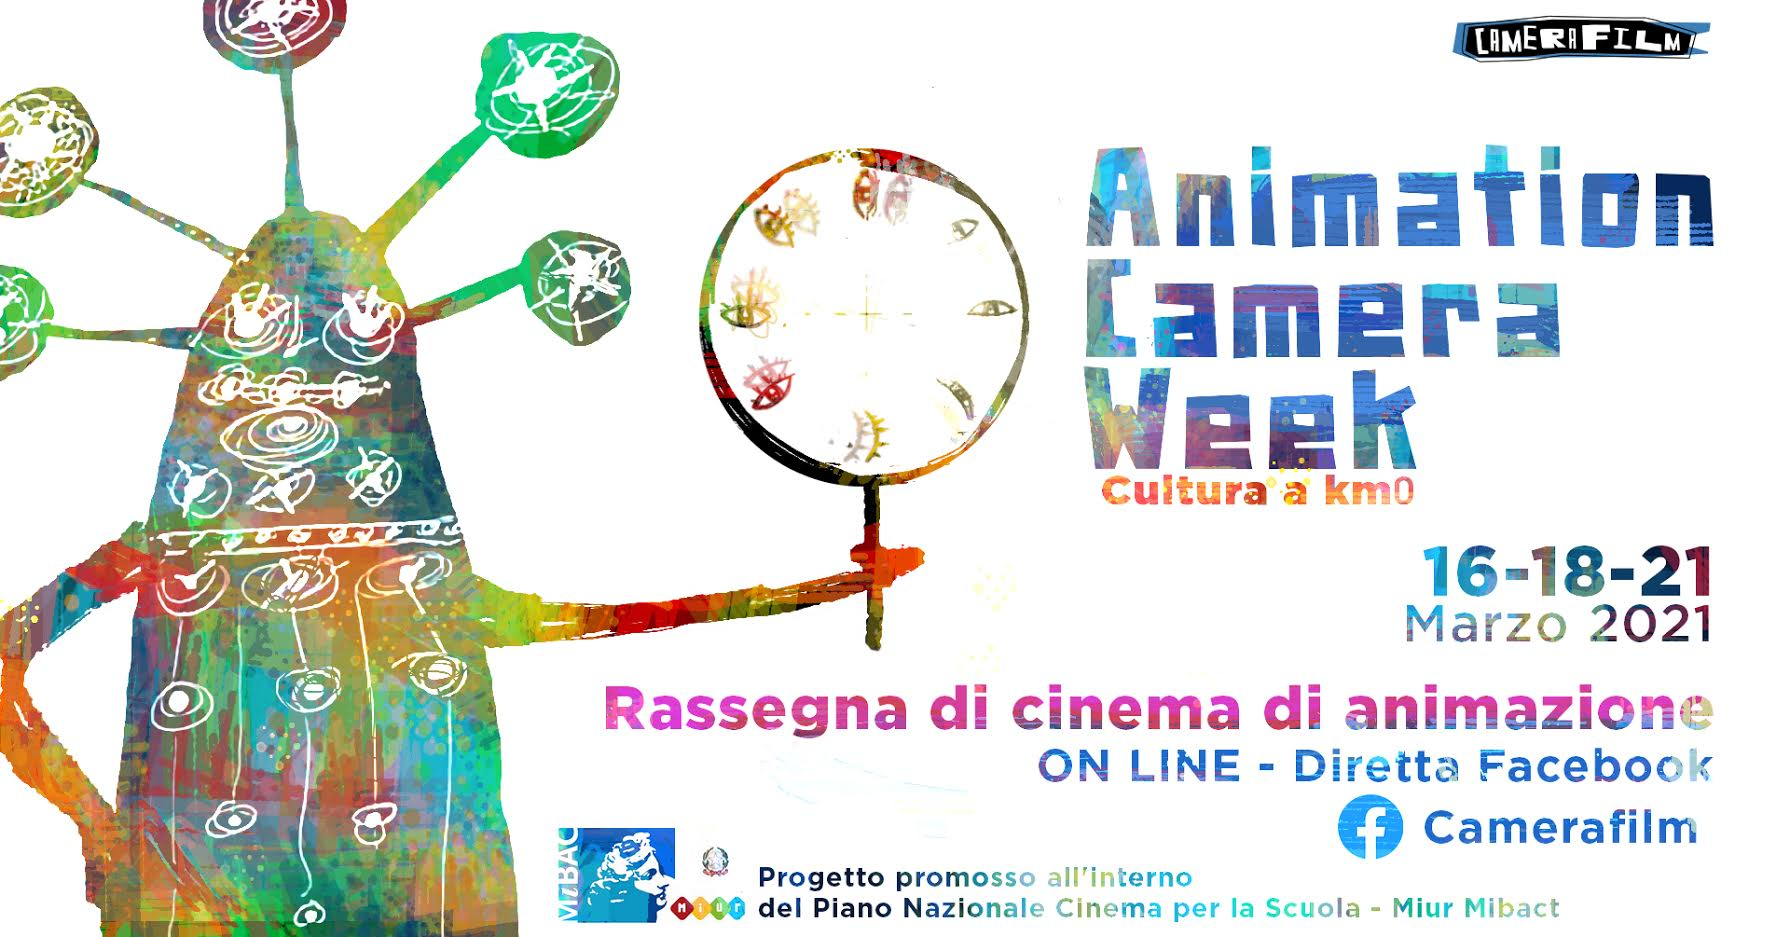 Al via martedì 16 marzo la terza edizione di Animation Camera Week